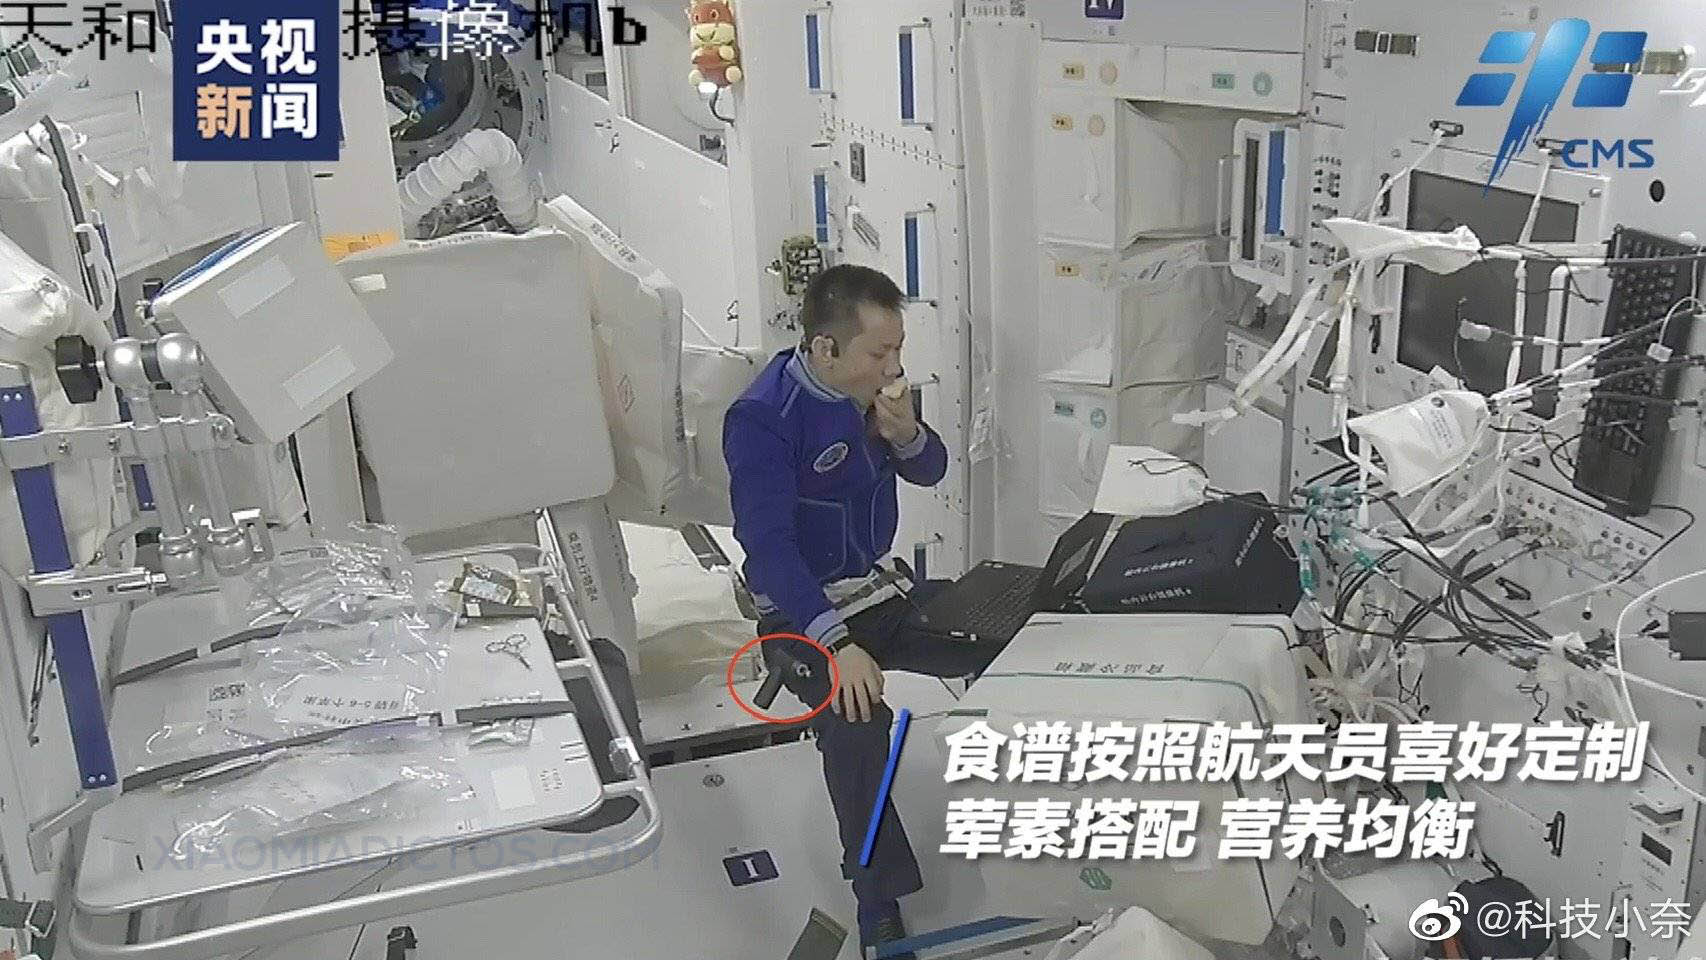 Este atornillador de Xiaomi ha formado parte de la última misión espacial China. Noticias Xiaomi Adictos